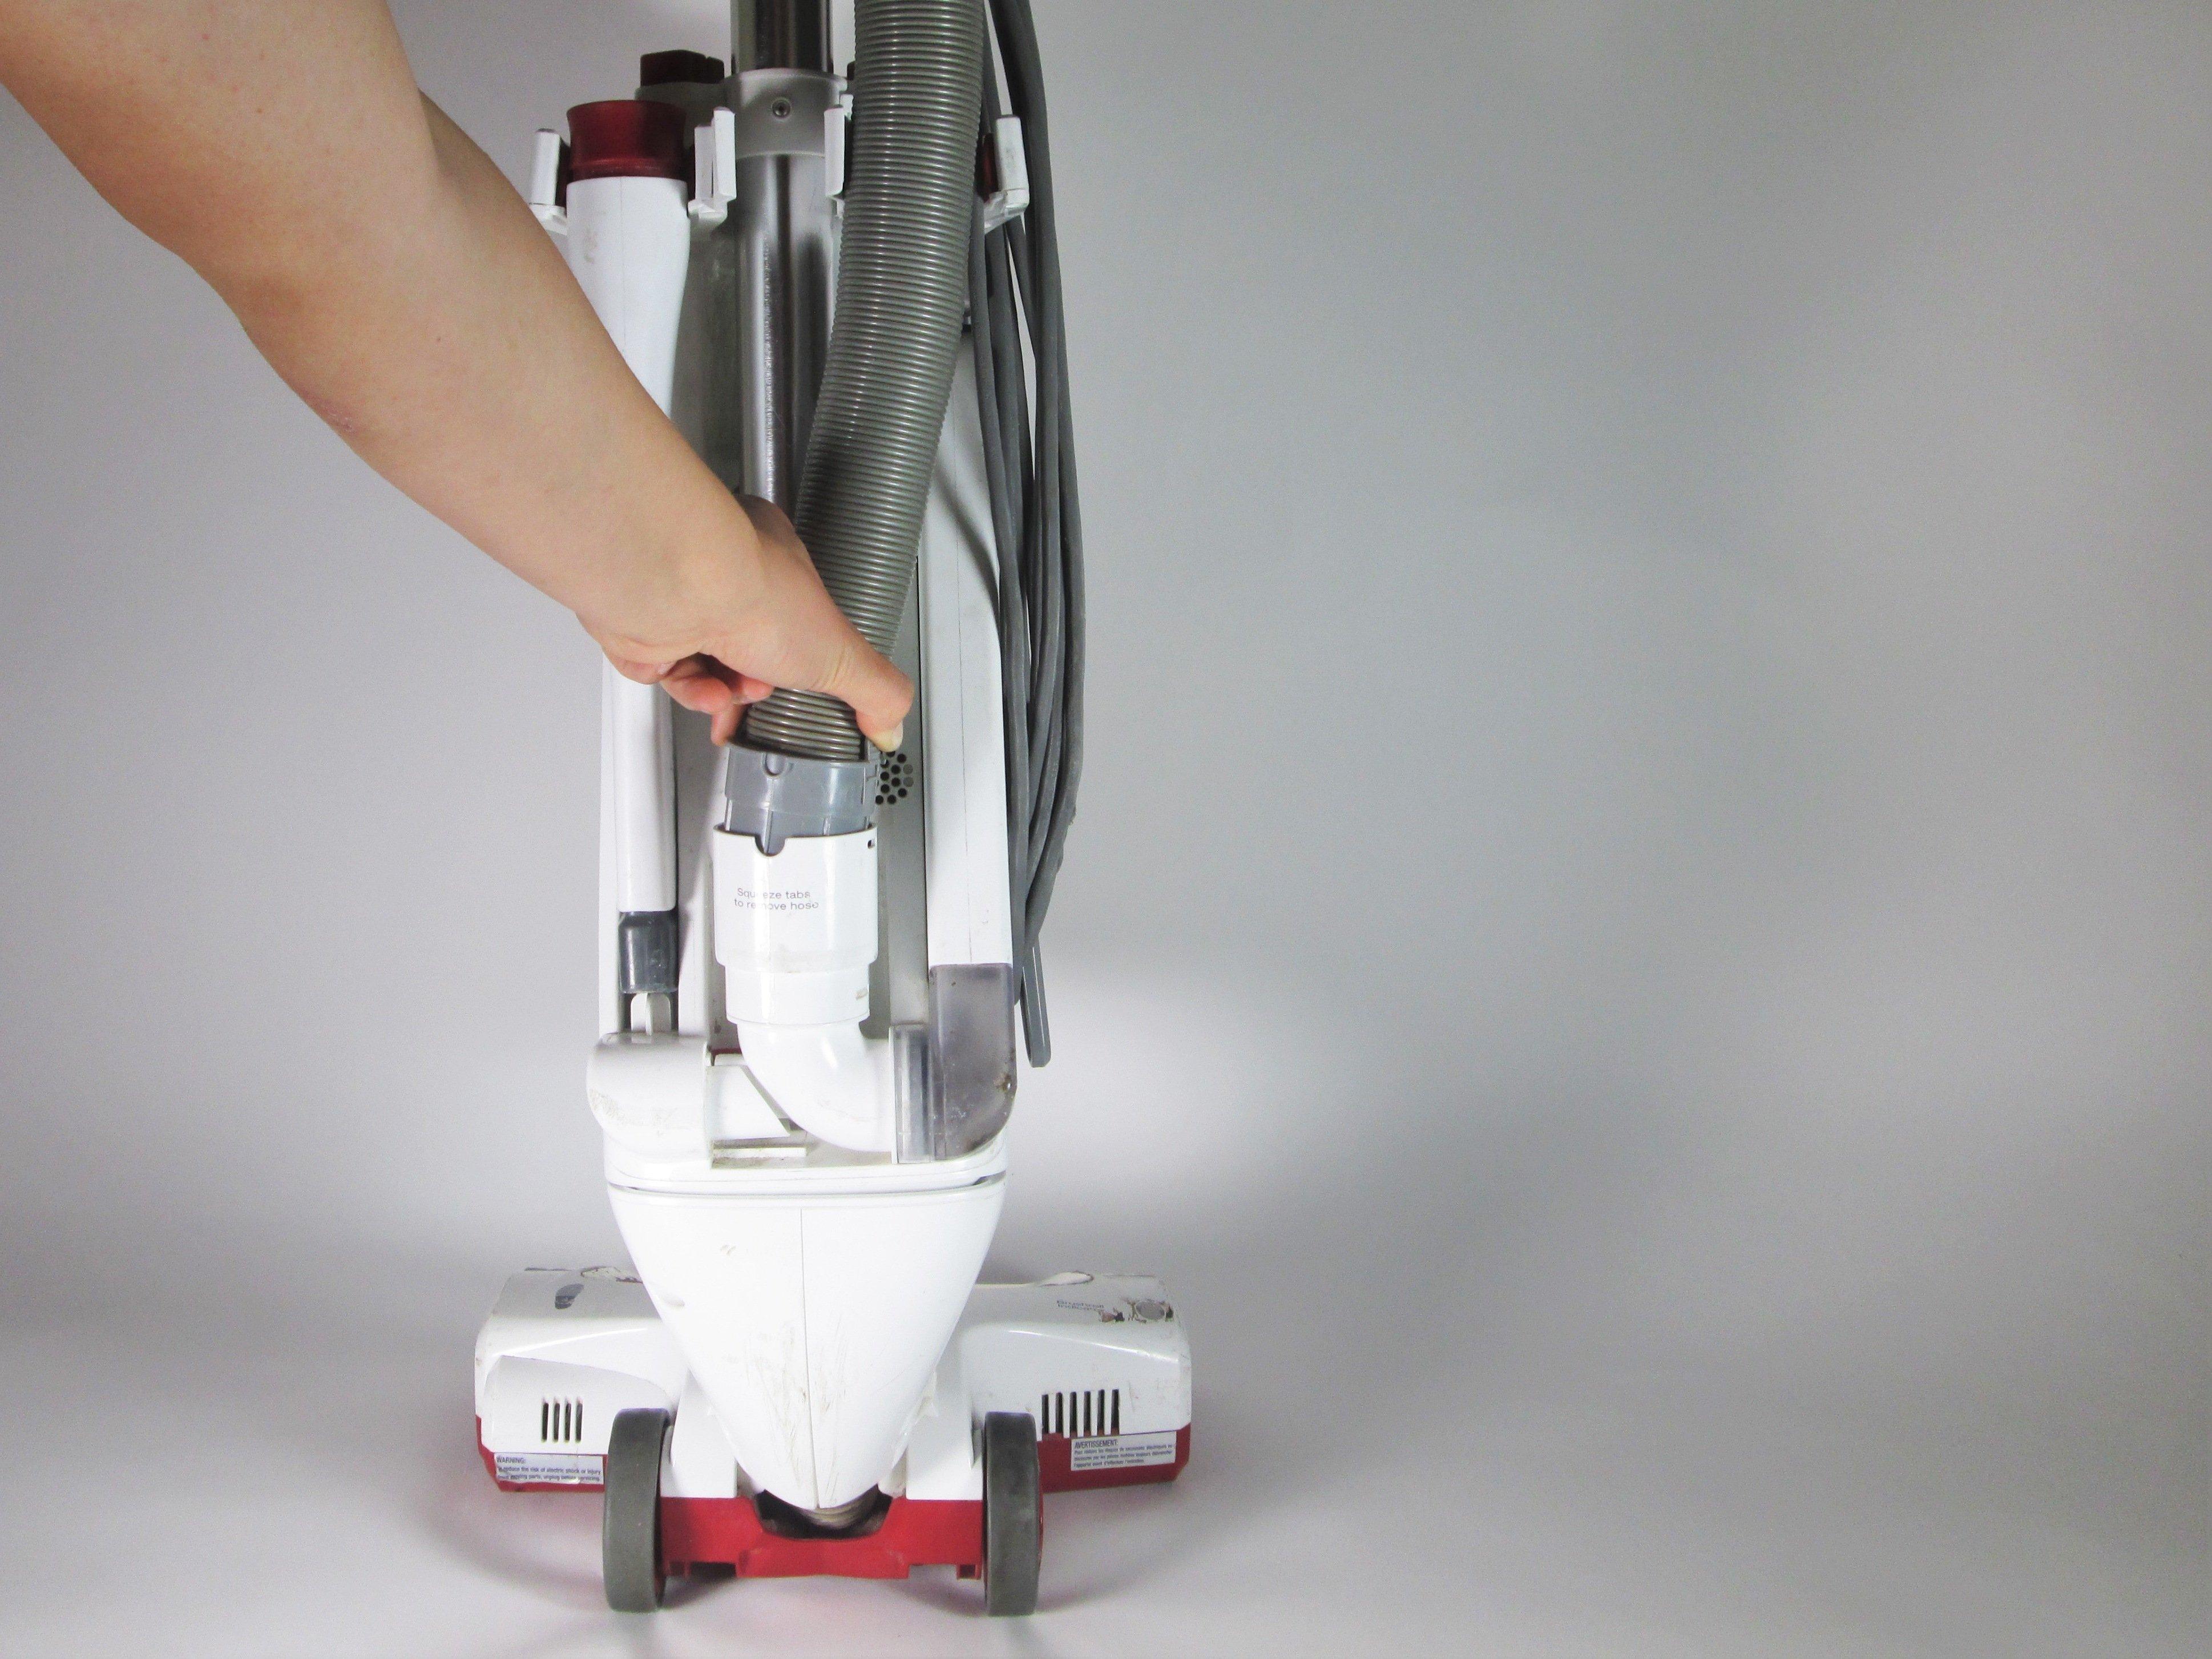 Shark Rotator Nv502 Suction Hose